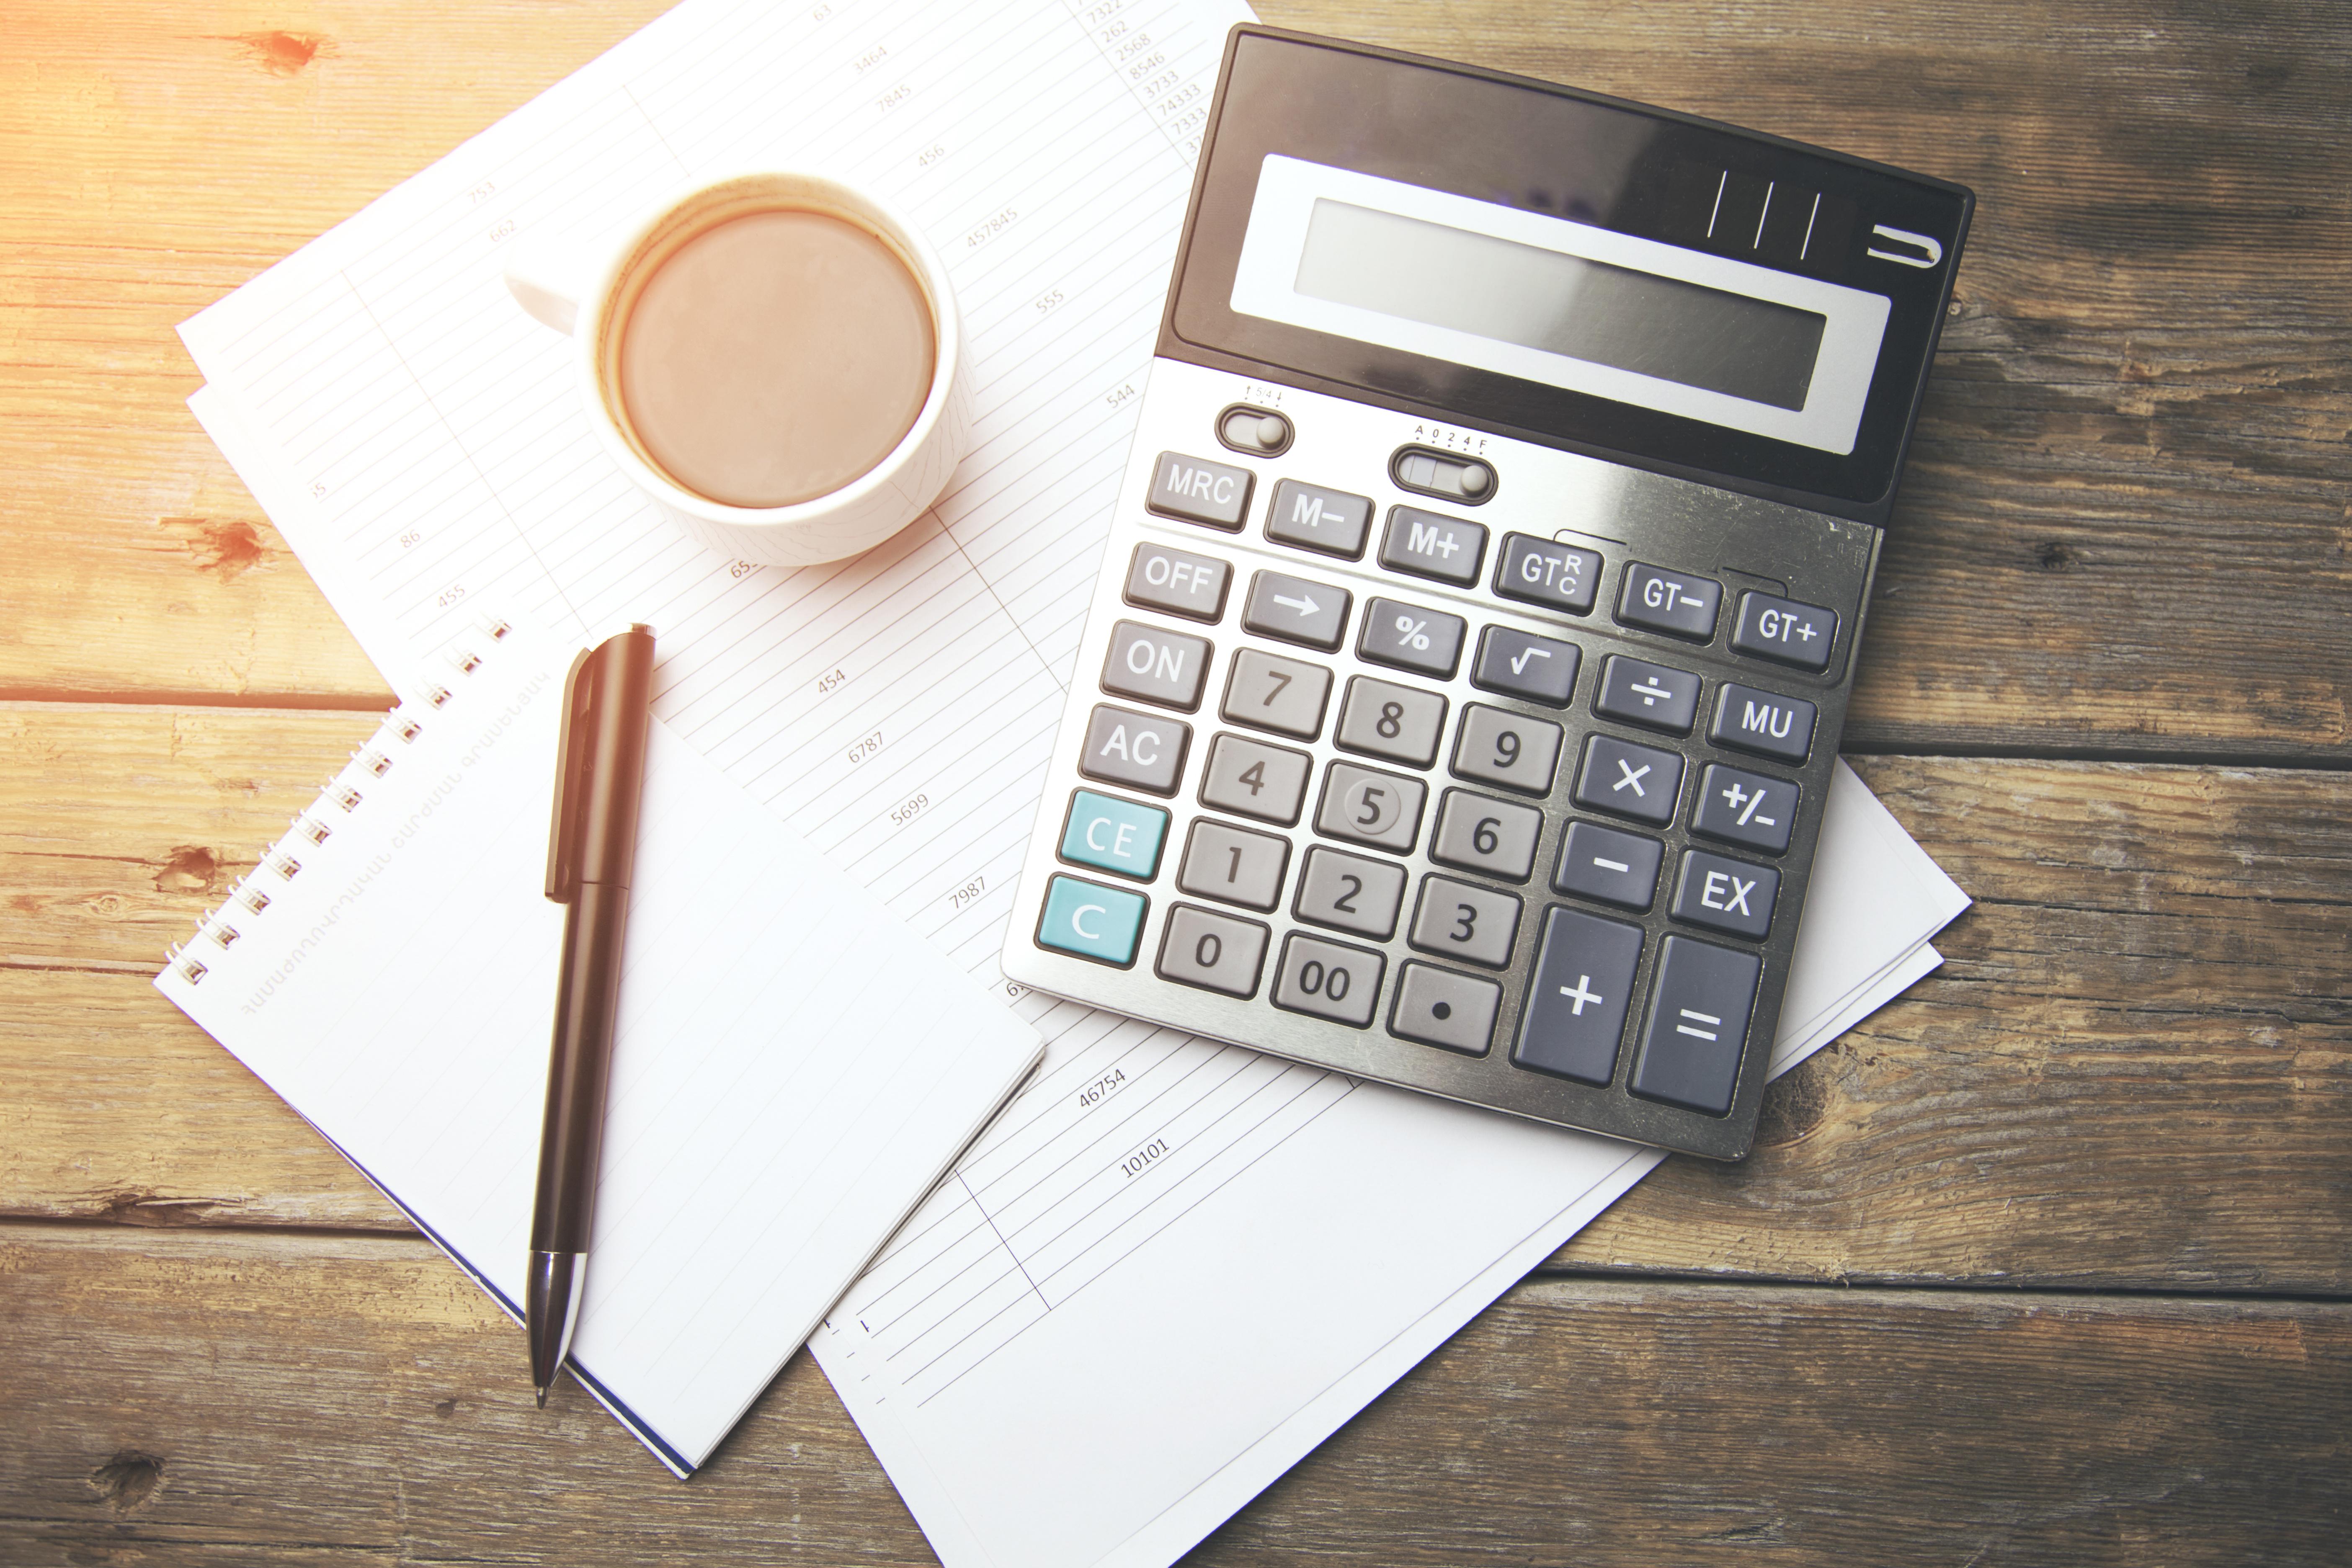 Taschenrechner, Stift, Papier und Kaffeetasse